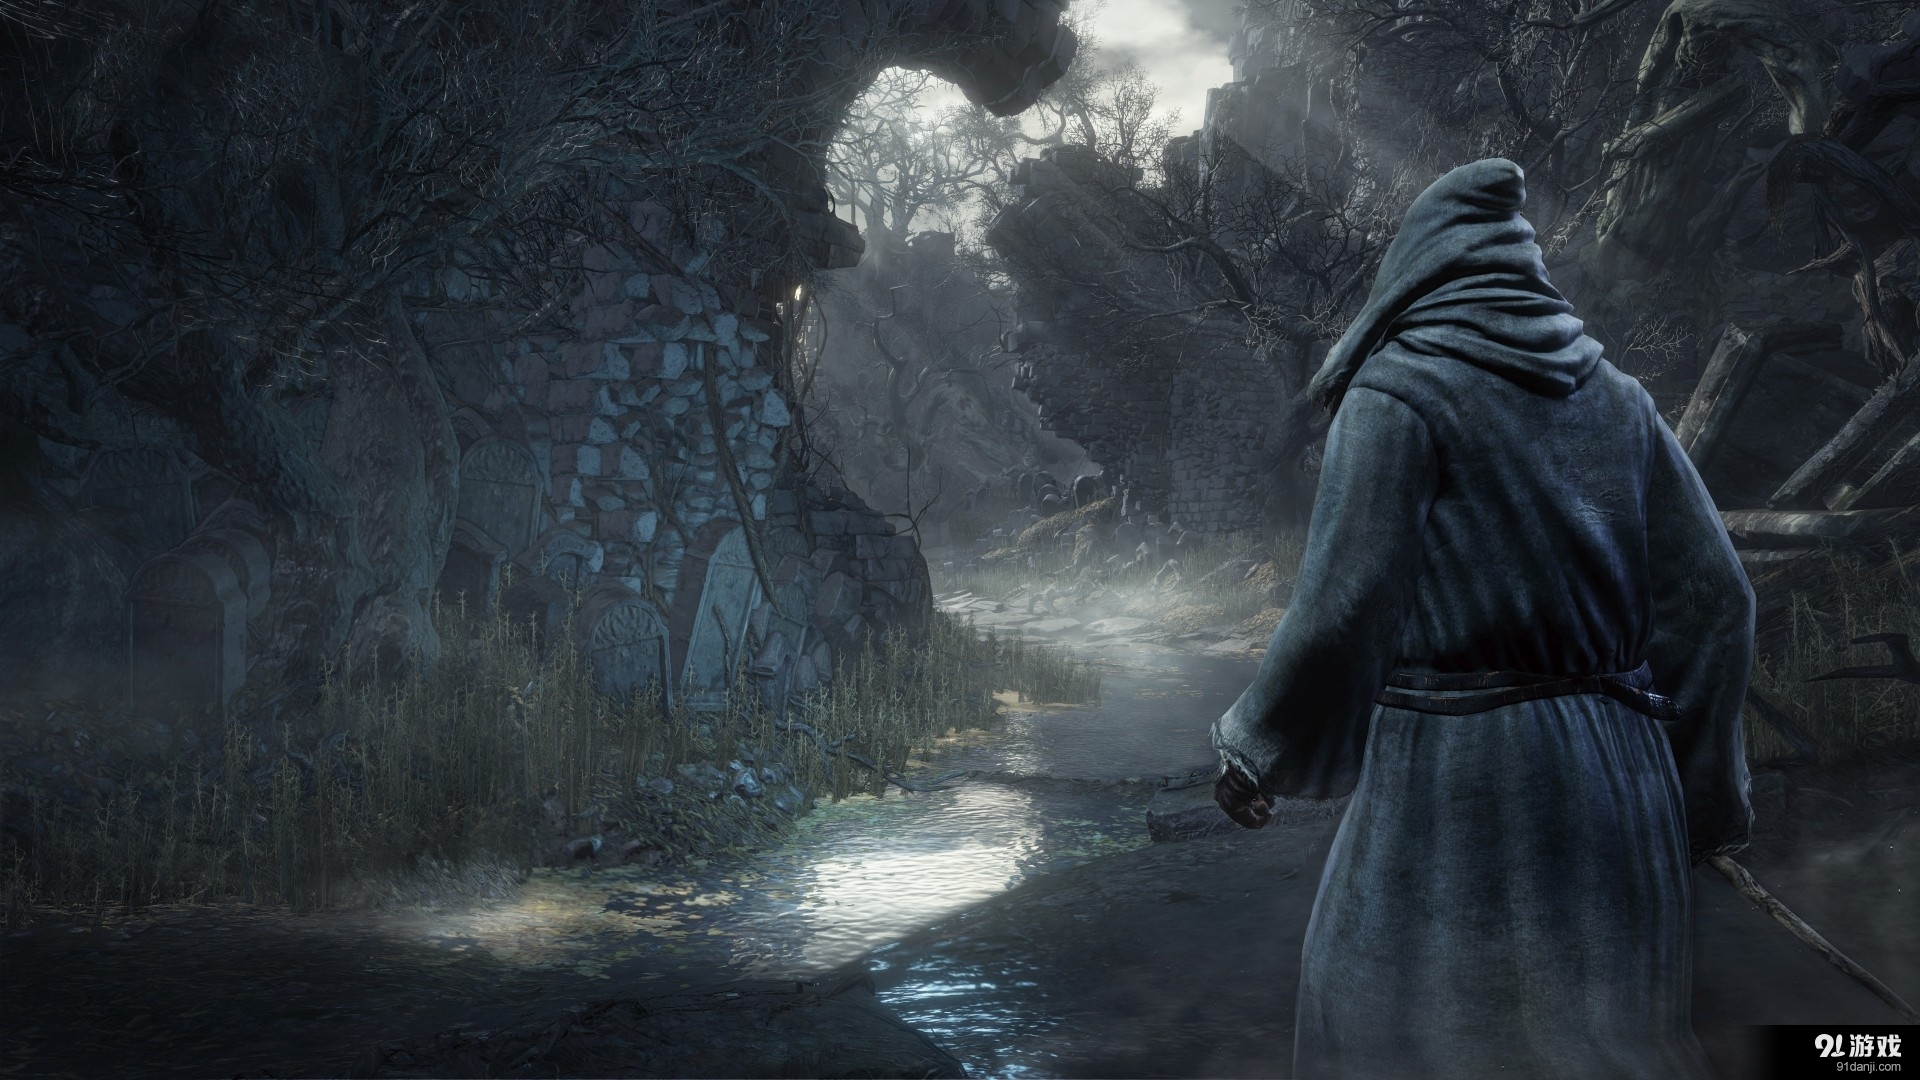 《黑暗之魂3》安里与罪业之火等剧情详解